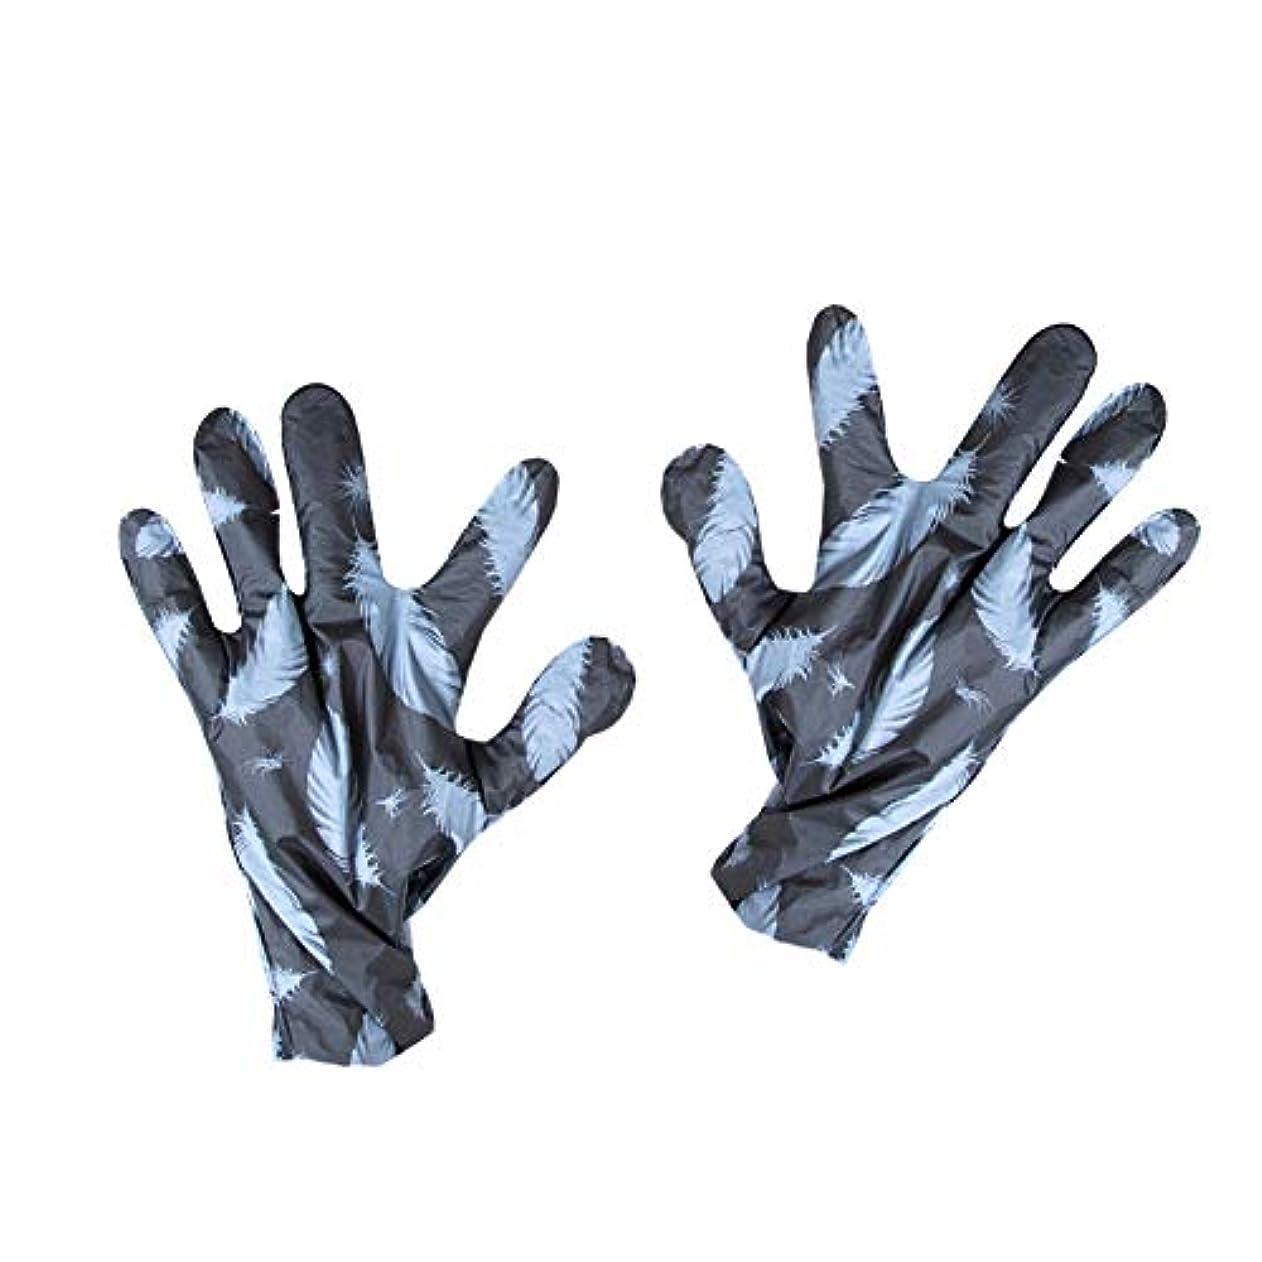 マークダウンデイジーカテゴリー火山ホワイトニングモイスチャライジングハンドマスク膜の手手袋をはめた手の乾燥泥角質除去、保湿浄化パック1